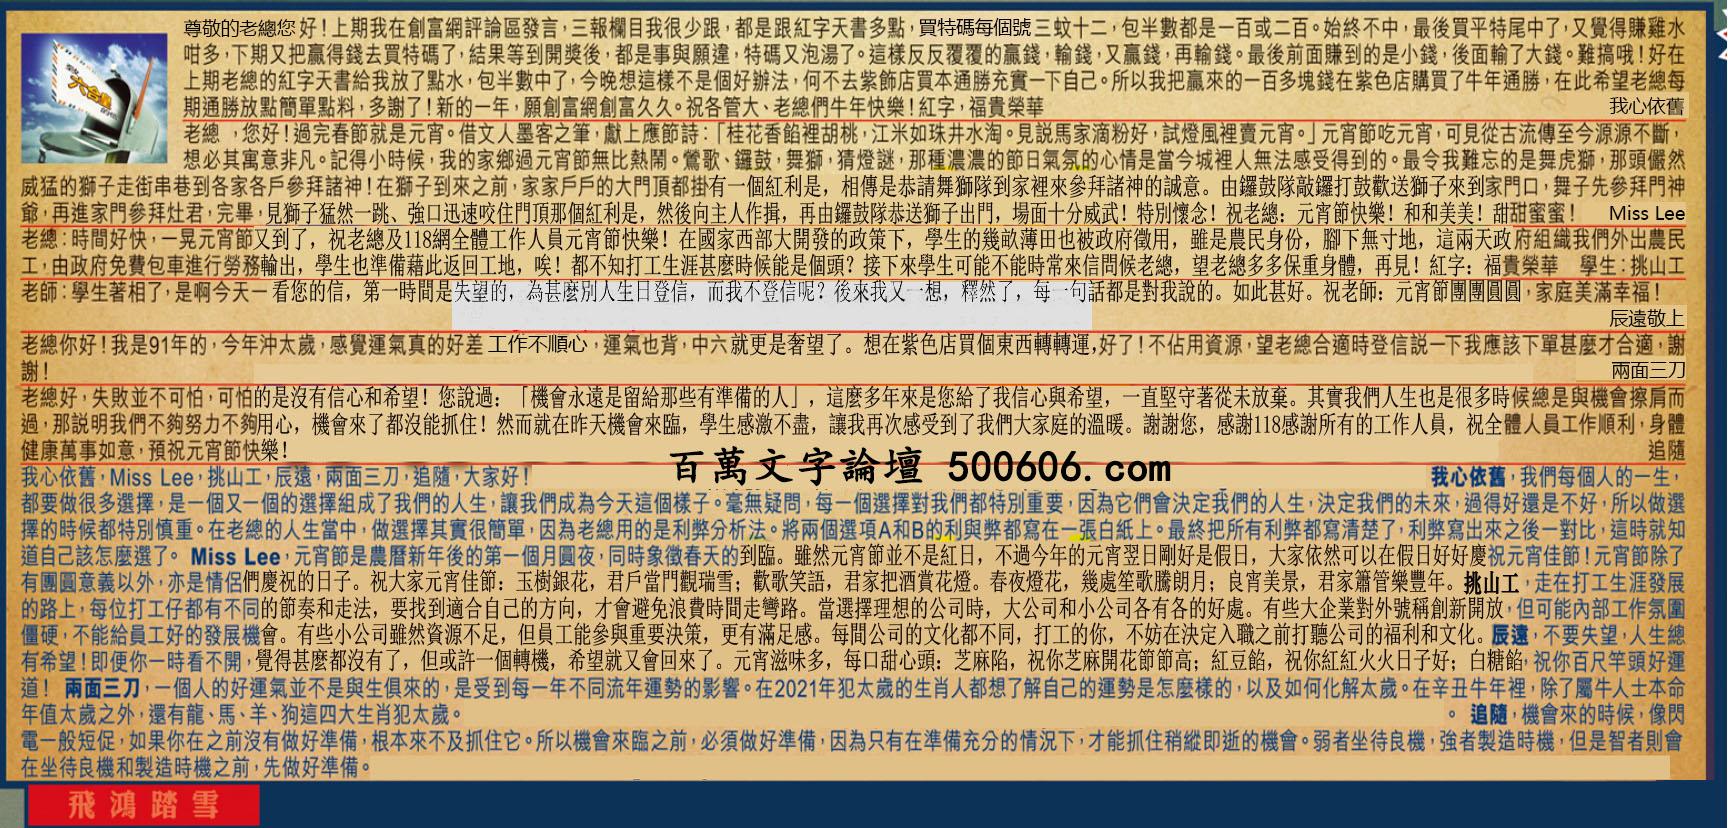 018期:彩民推荐六合皇信箱(�t字:�w��踏雪)_018期开奖结果:27-06-21-16-15-28-T43羊/绿/火